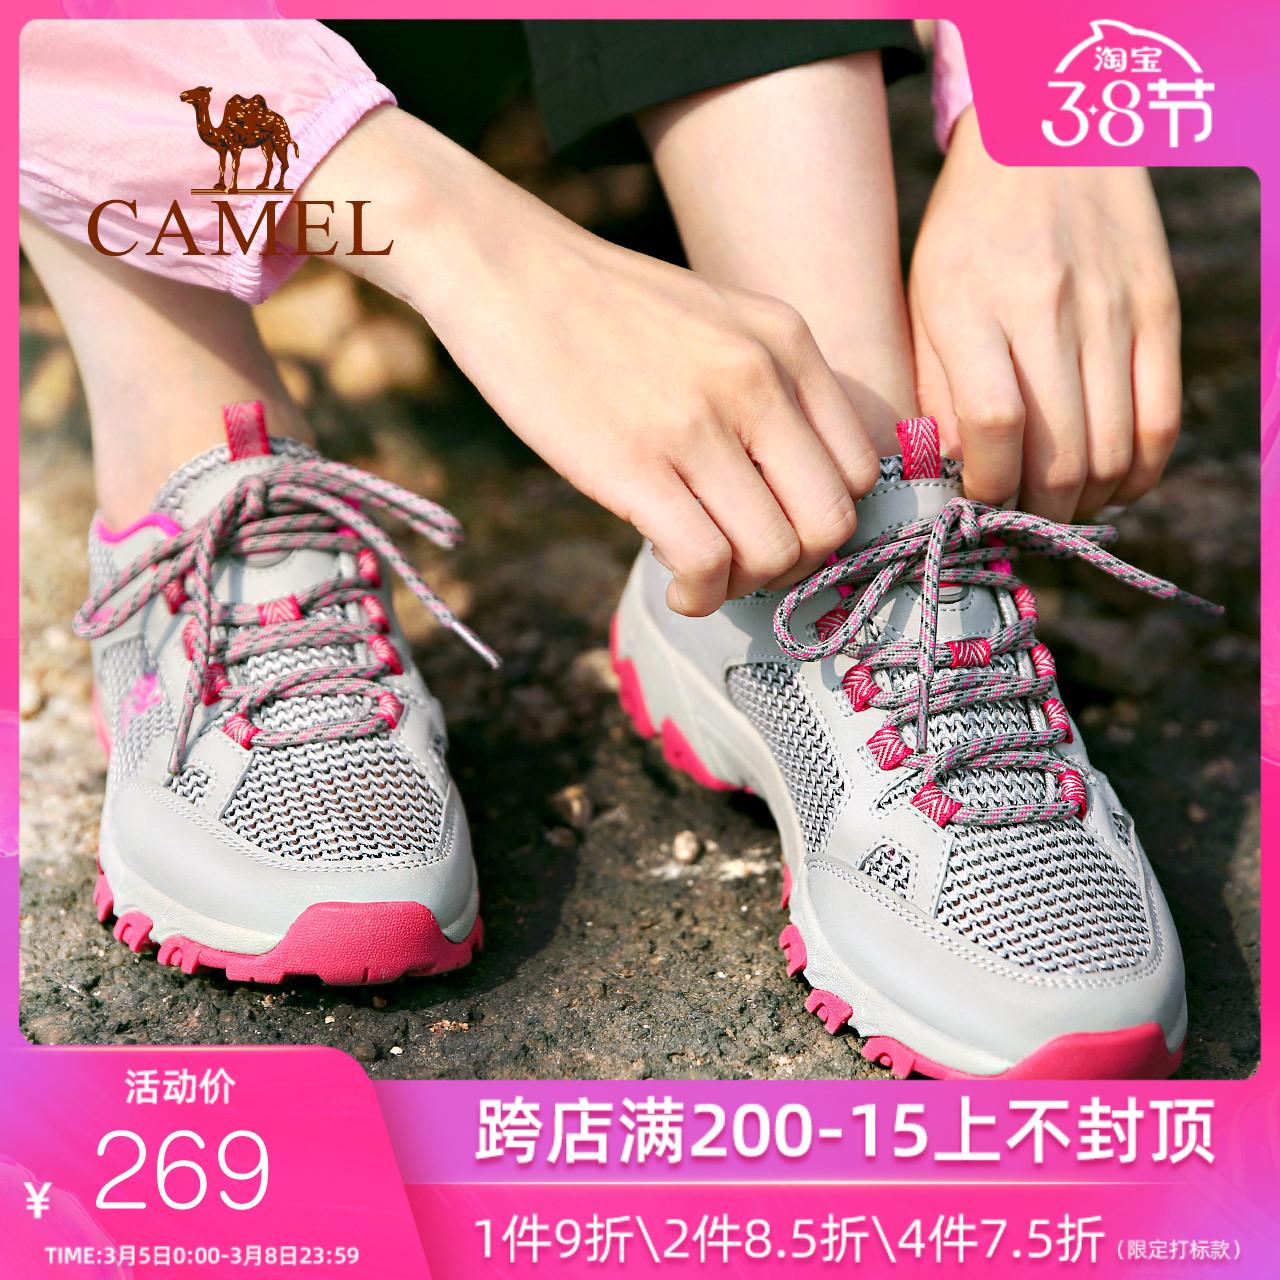 Camel/骆驼男鞋子春夏透气鞋轻盈飞织鞋耐磨防滑徒步登山鞋女鞋